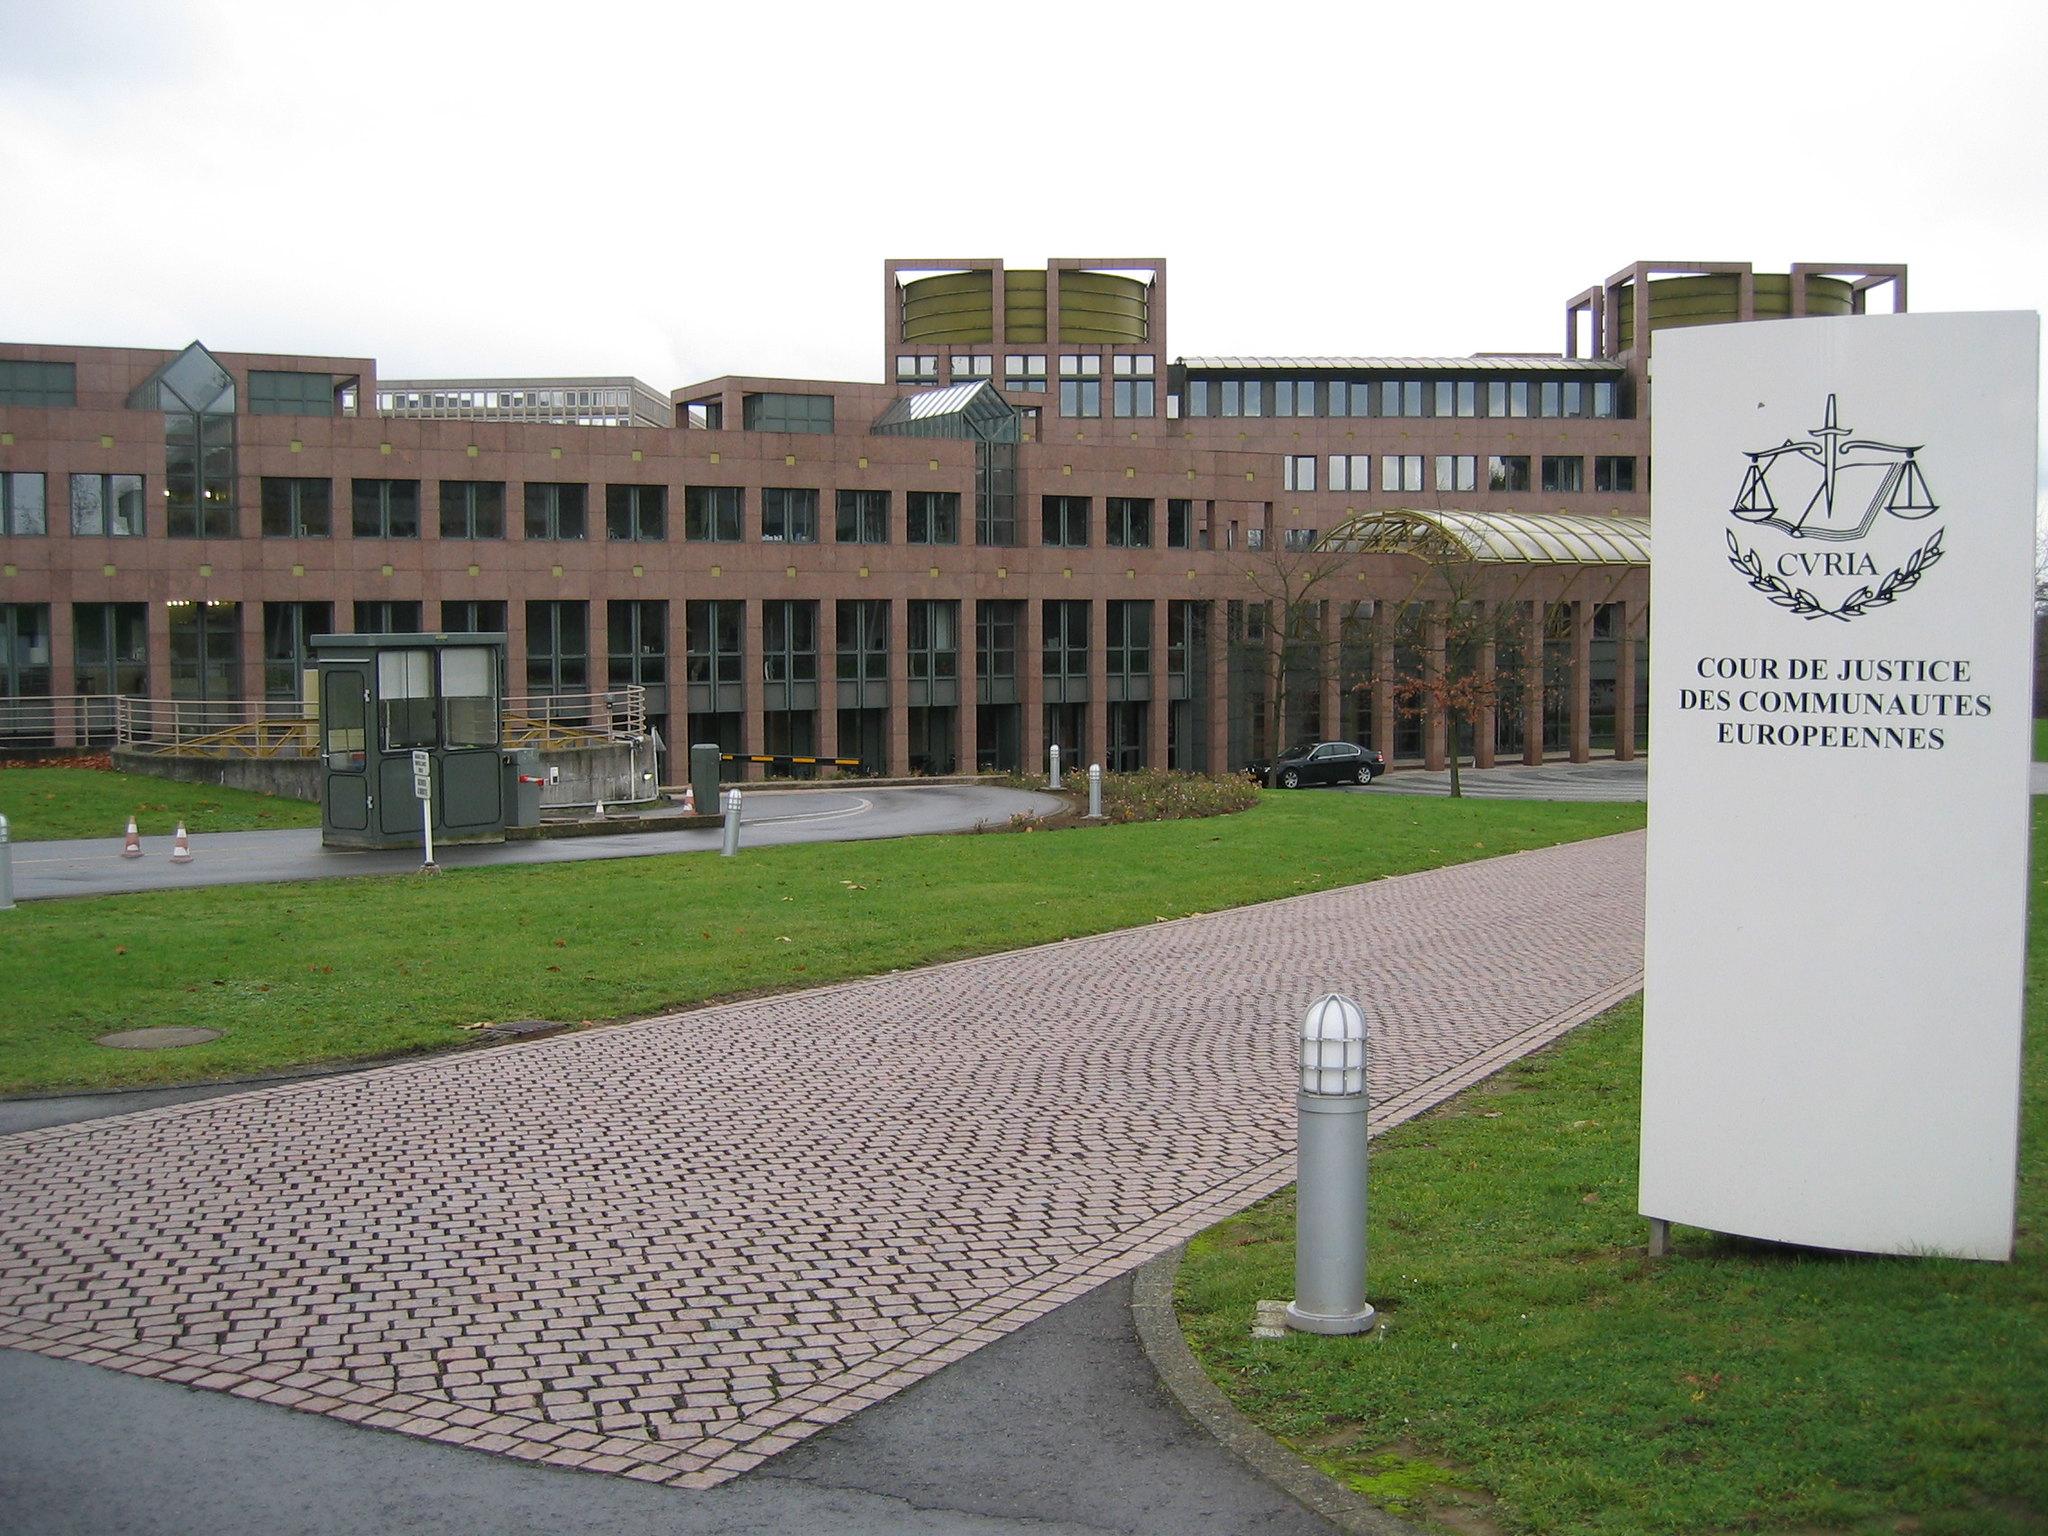 歐洲法院有權對不遵守歐盟法的會員國課以鉅額罰款(圖/ Cédric/CC BY 2.0)